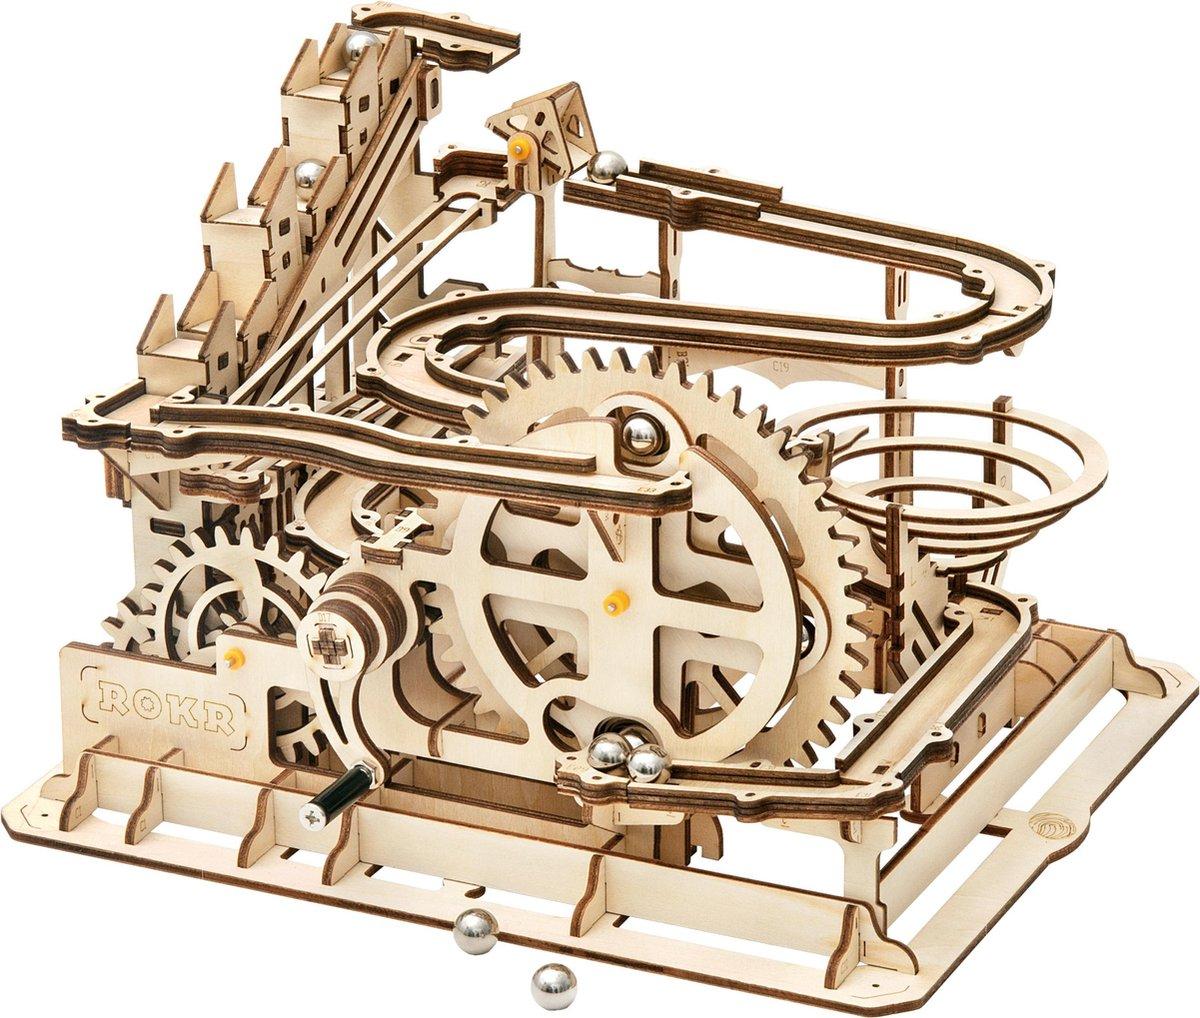 Robotime - Knikkerbaan - Marble Parkour - DIY - 3D - Houten Modelbouw - LG501